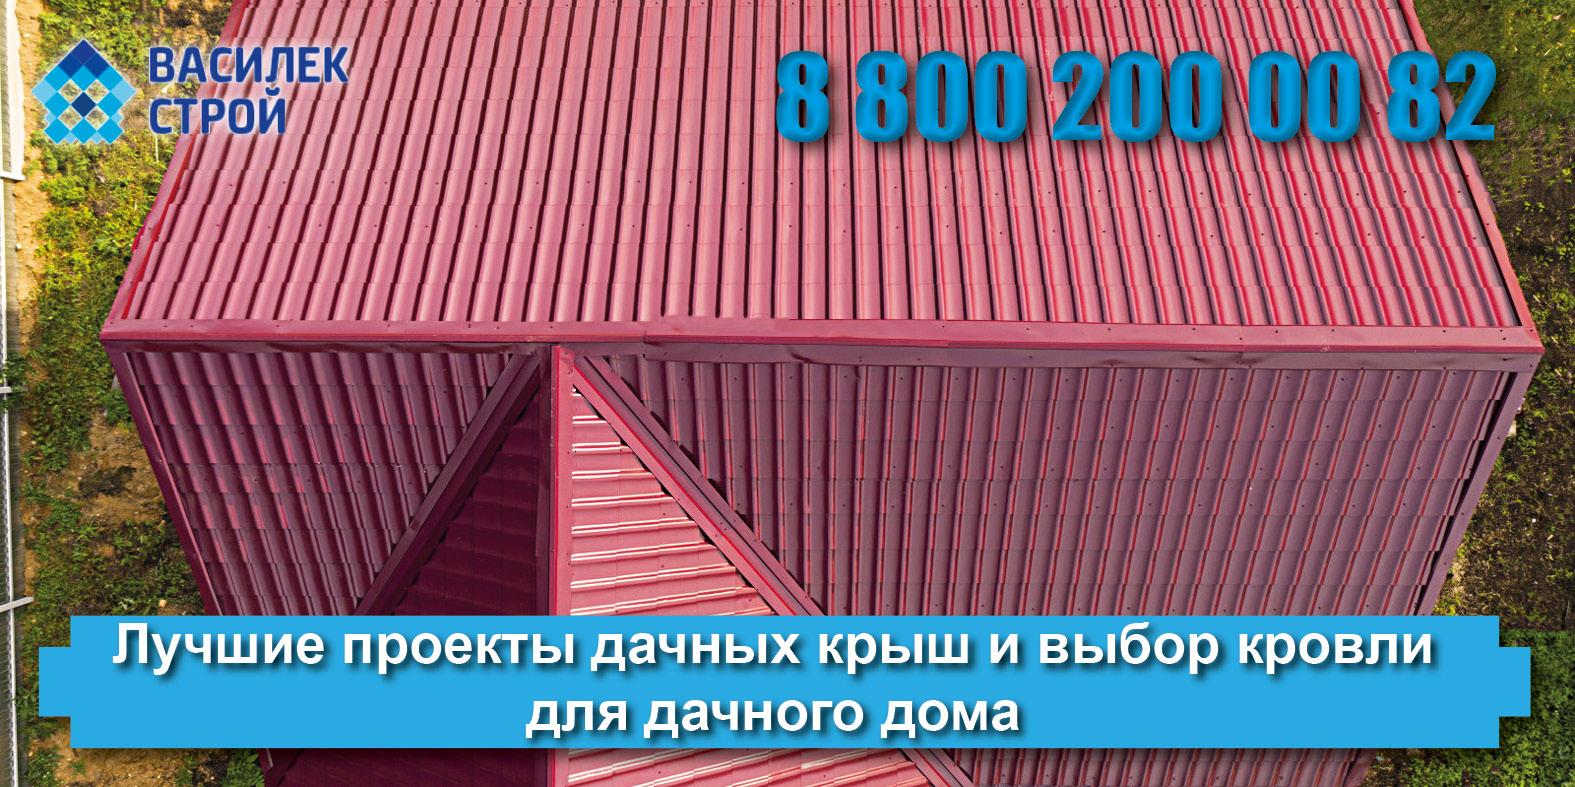 Как построить дачный дом из бруса с гаражом: выбираем проекты дачных домов с гаражом и проекты подходящих крыш дачных домов